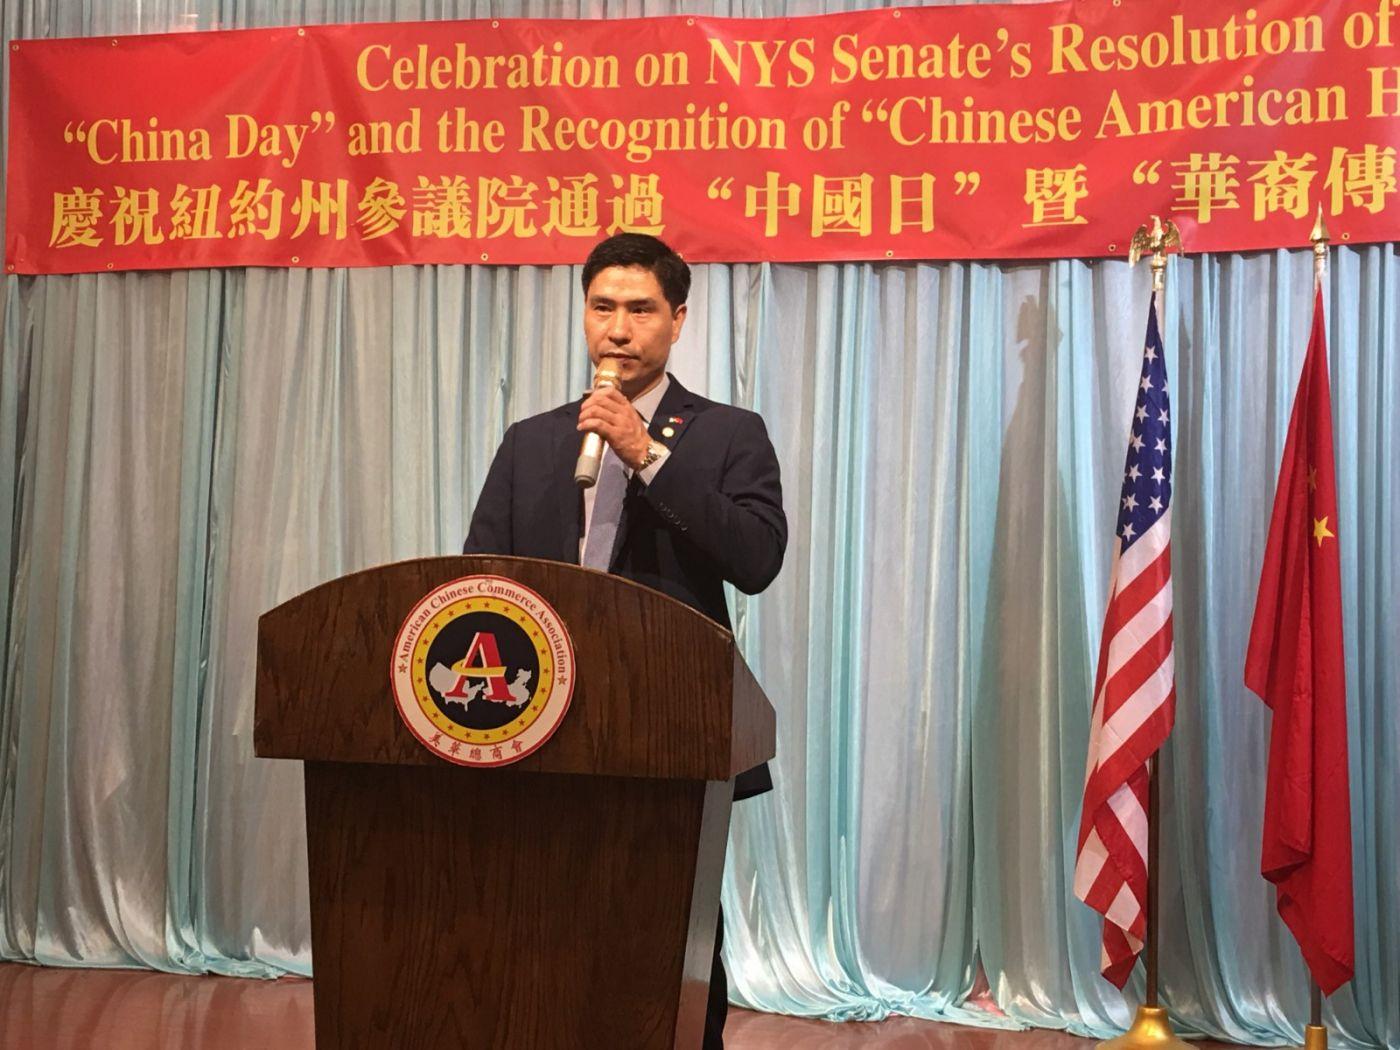 紐約州參議院通過「中國日」決議案慶祝会在紐約舉行_图1-7